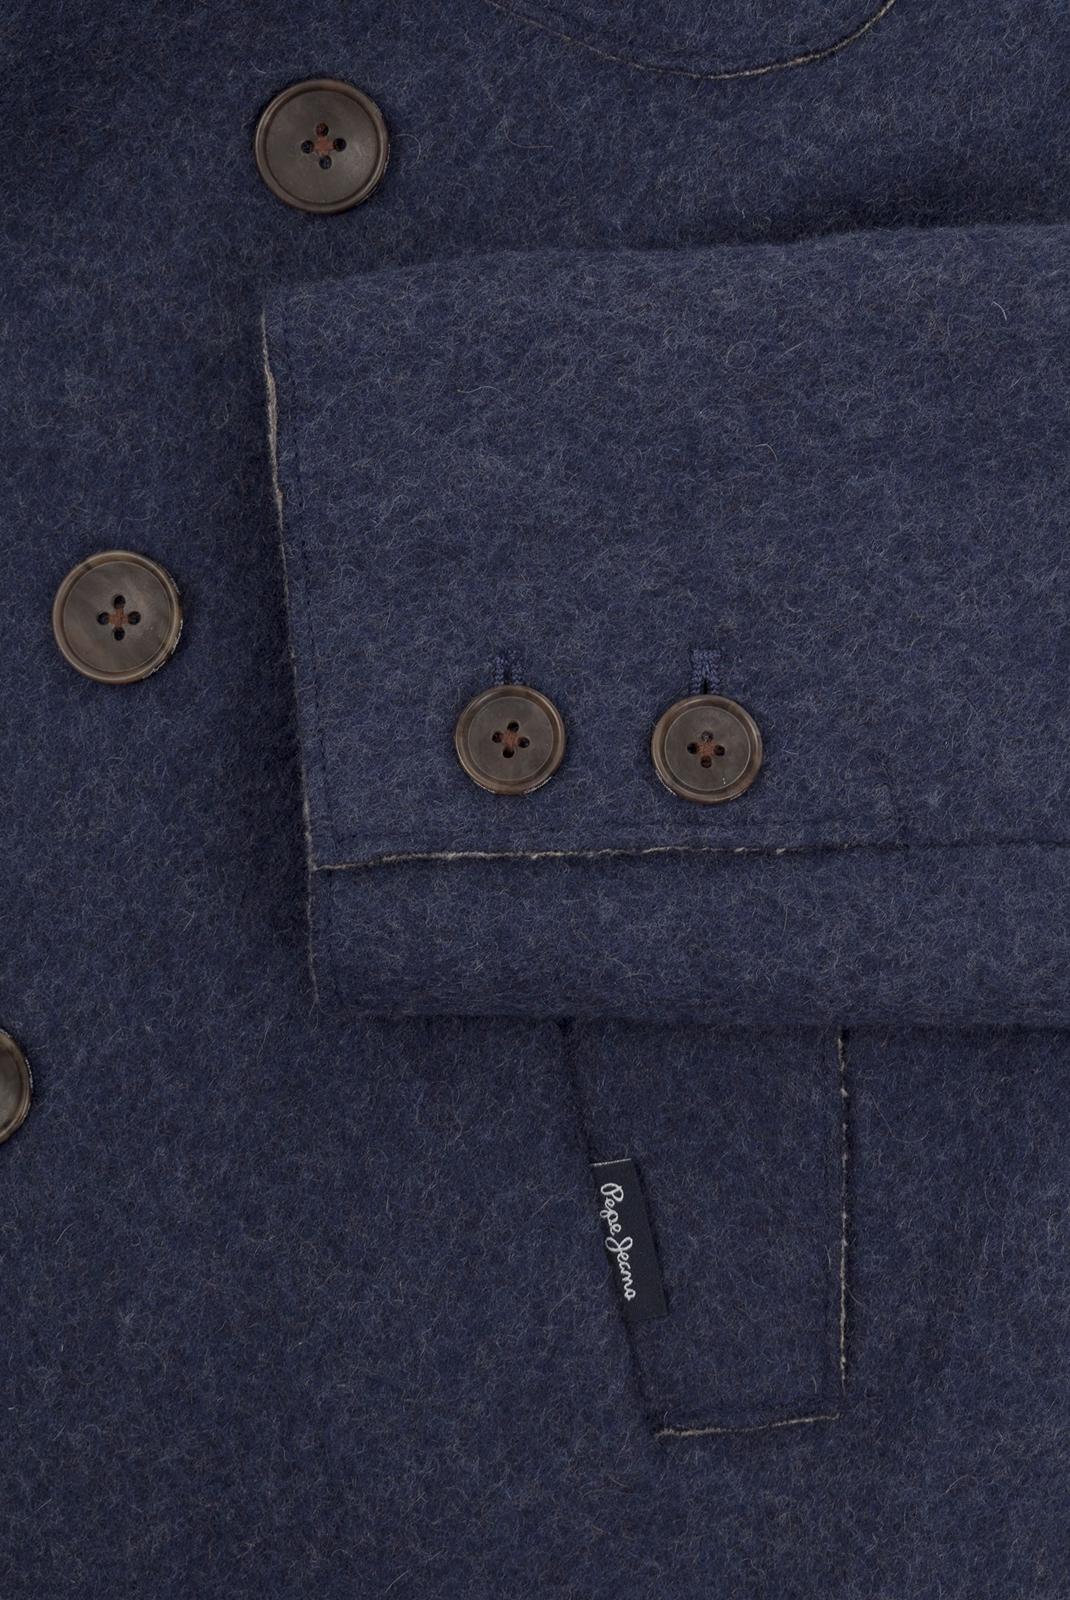 Manteaux / Caban  Pepe jeans PM401254 584